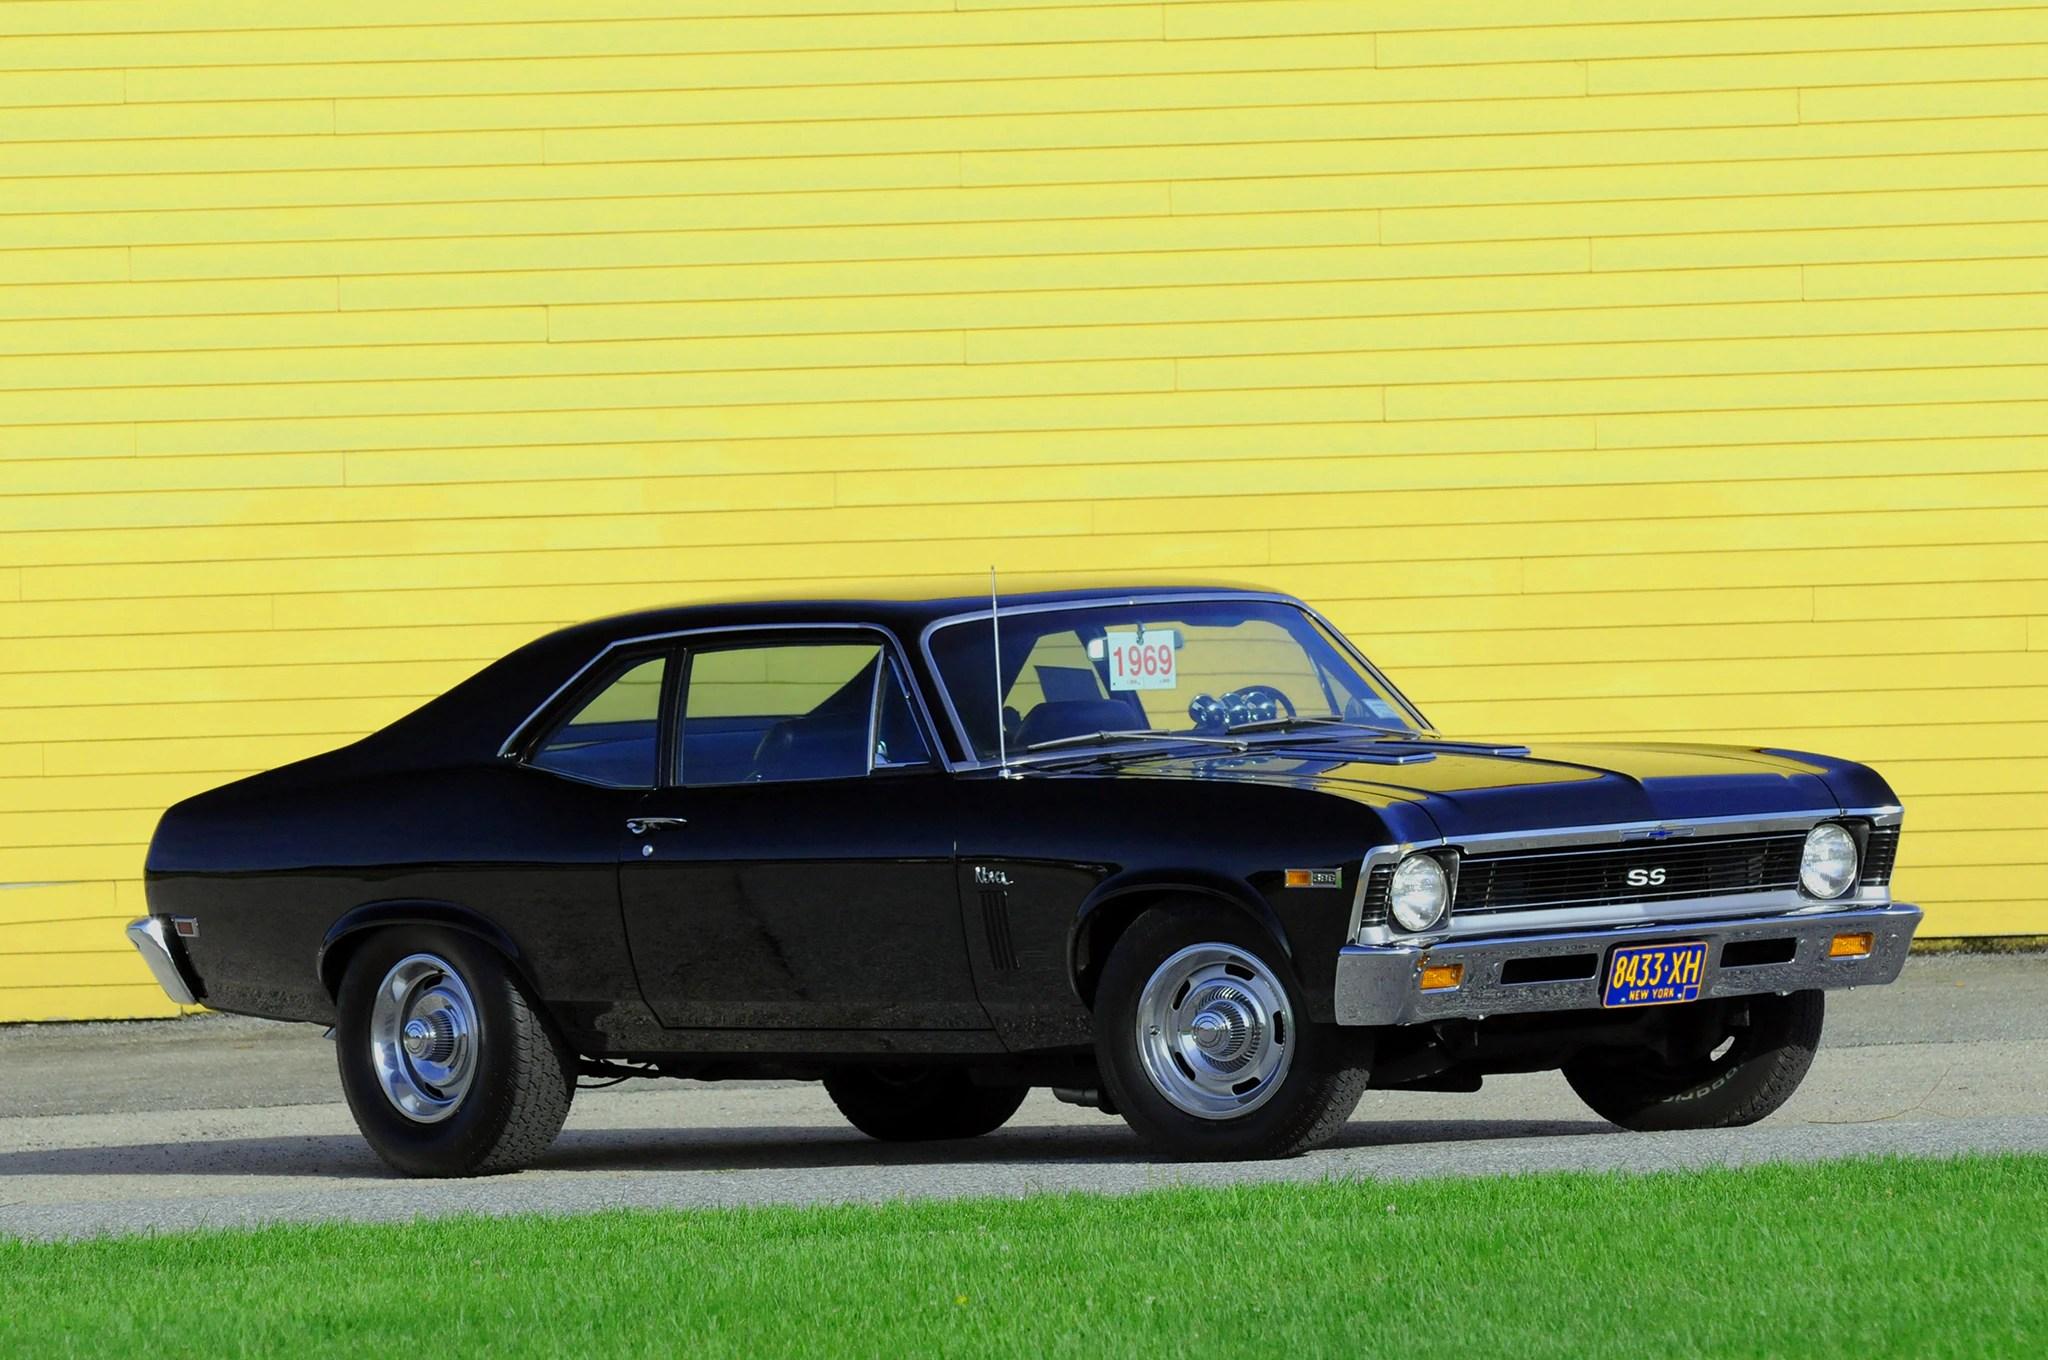 Free Classic Car Wallpaper Big Block 1969 Chevrolet Nova Ss Has Seen It All From